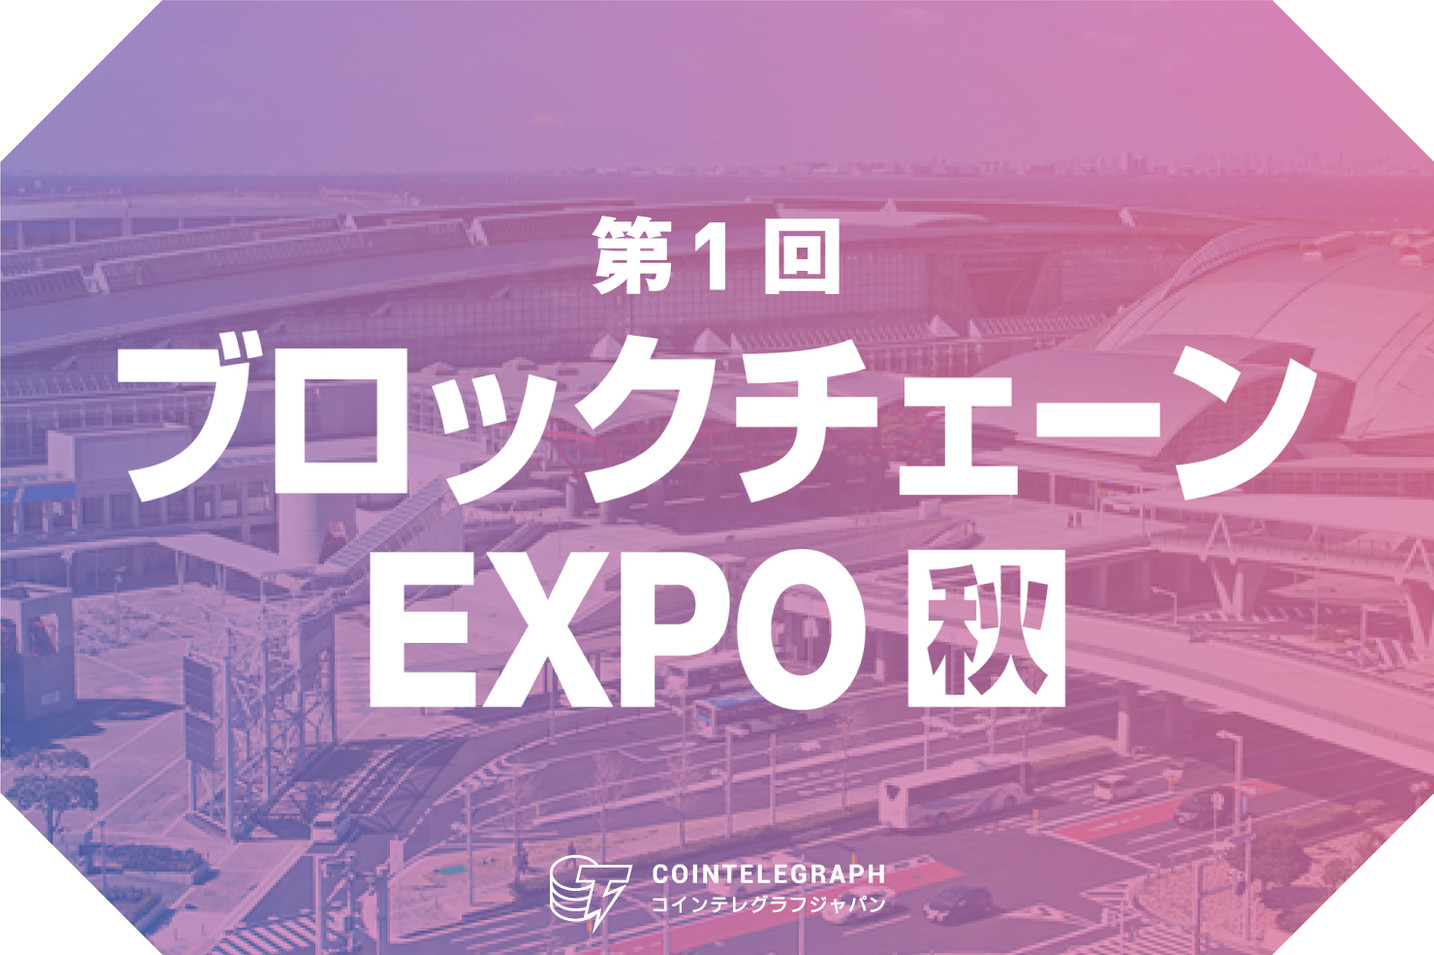 初開催!ブロックチェーンに特化した専門展! 第1回 ブロックチェーンEXPO【秋】